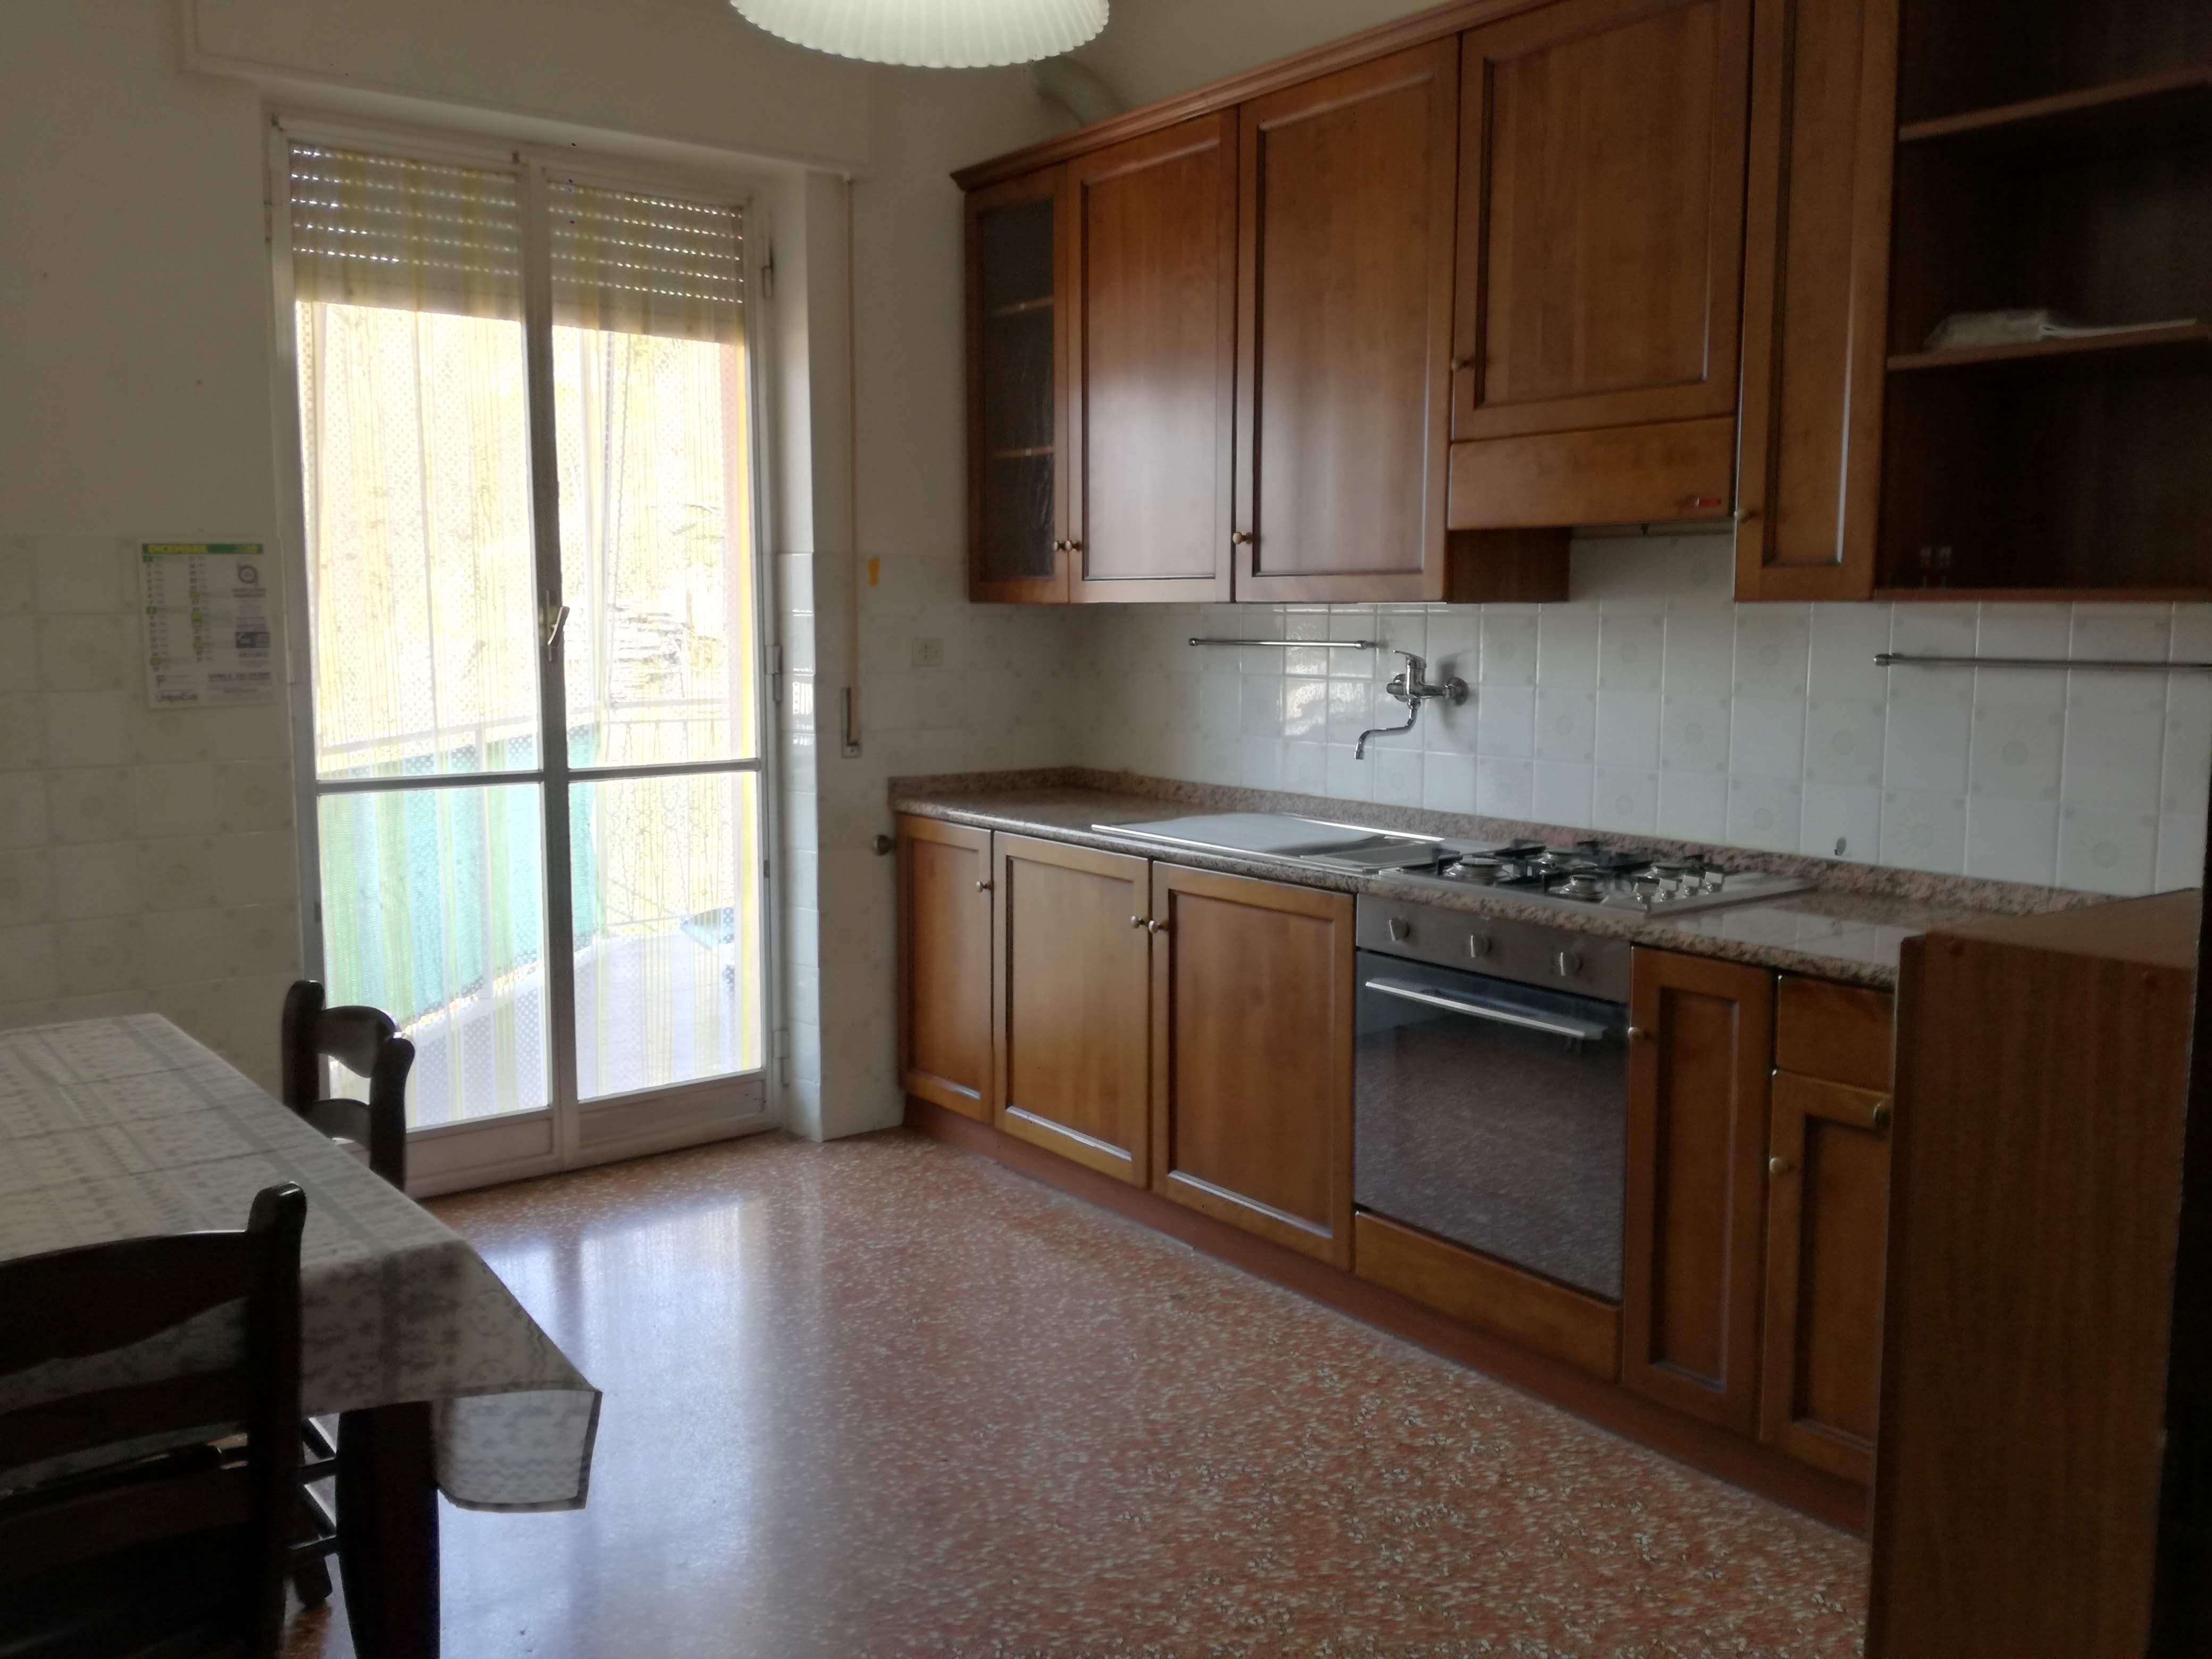 affitto appartamento arredato via arvigo